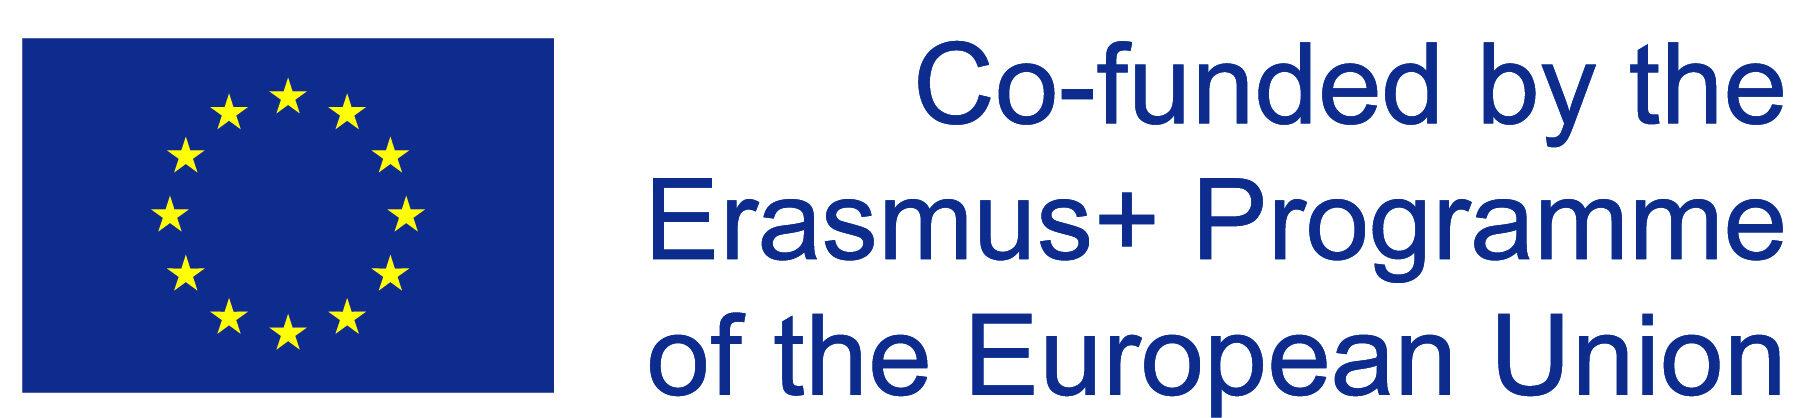 Movies Erasmus